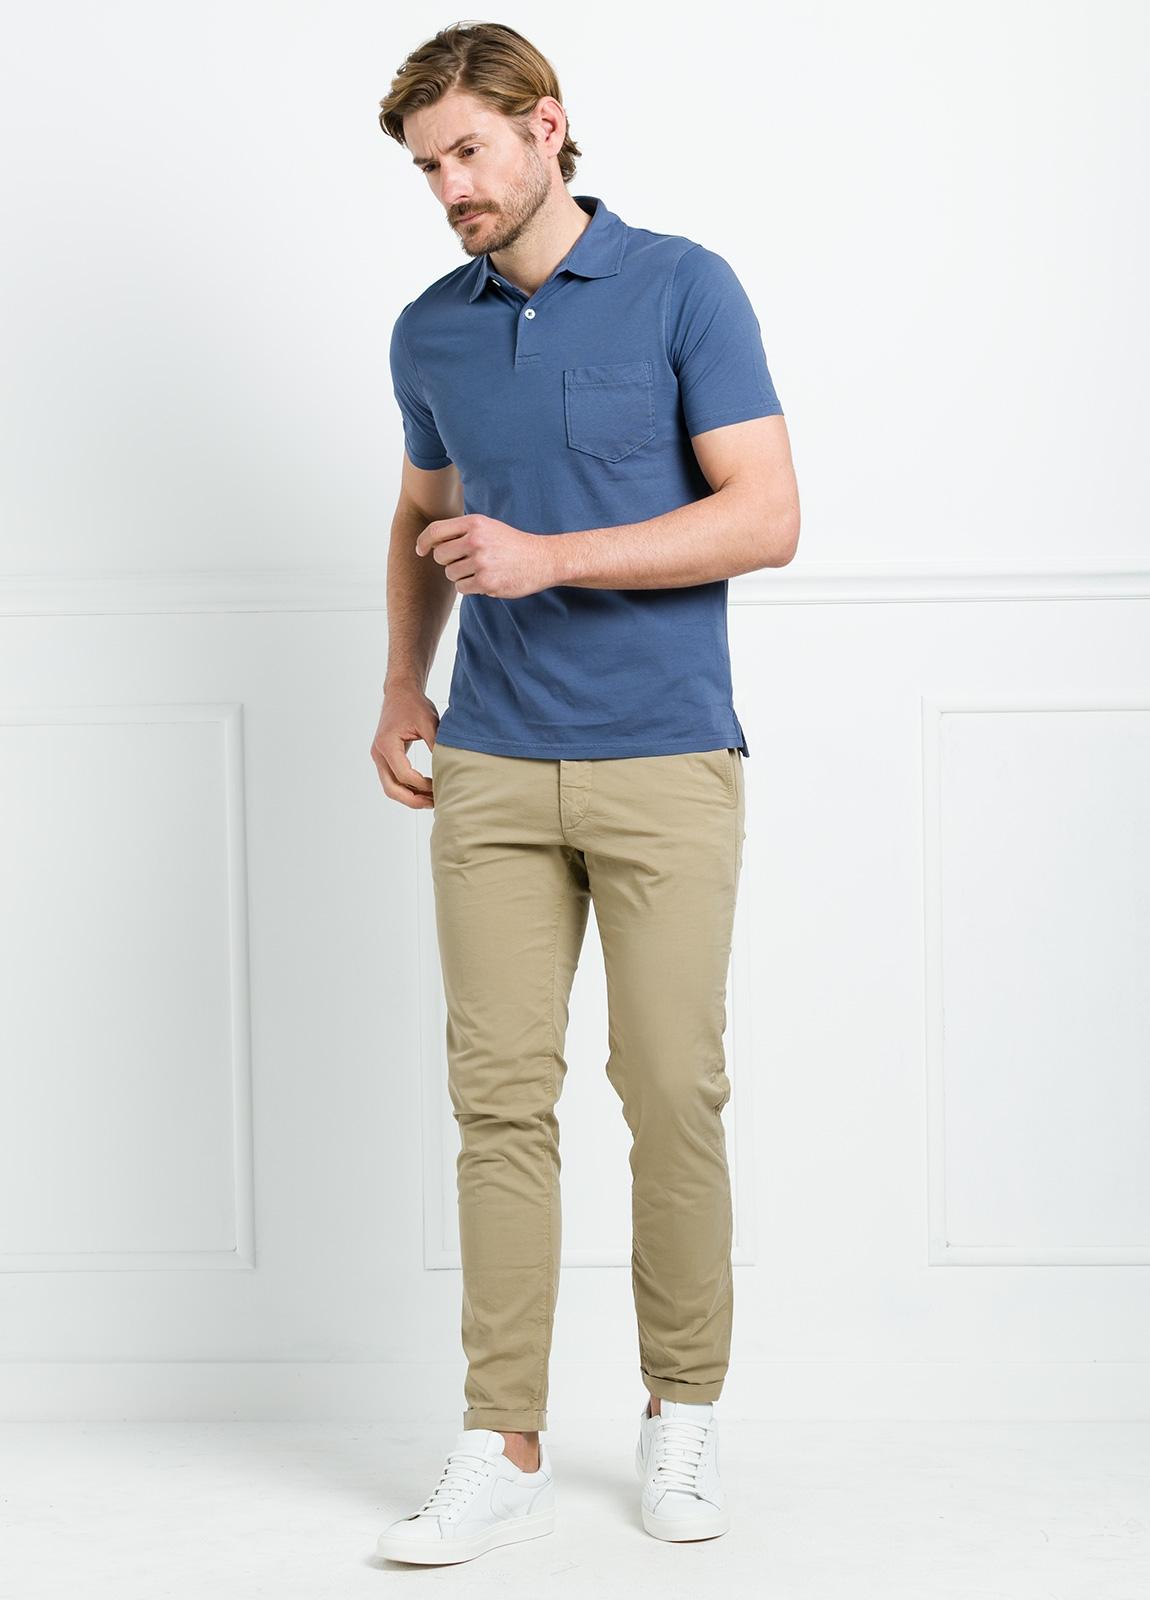 Polo liso manga corta color azul medio con bolsillo en pecho. 100% Algodón. - Ítem2